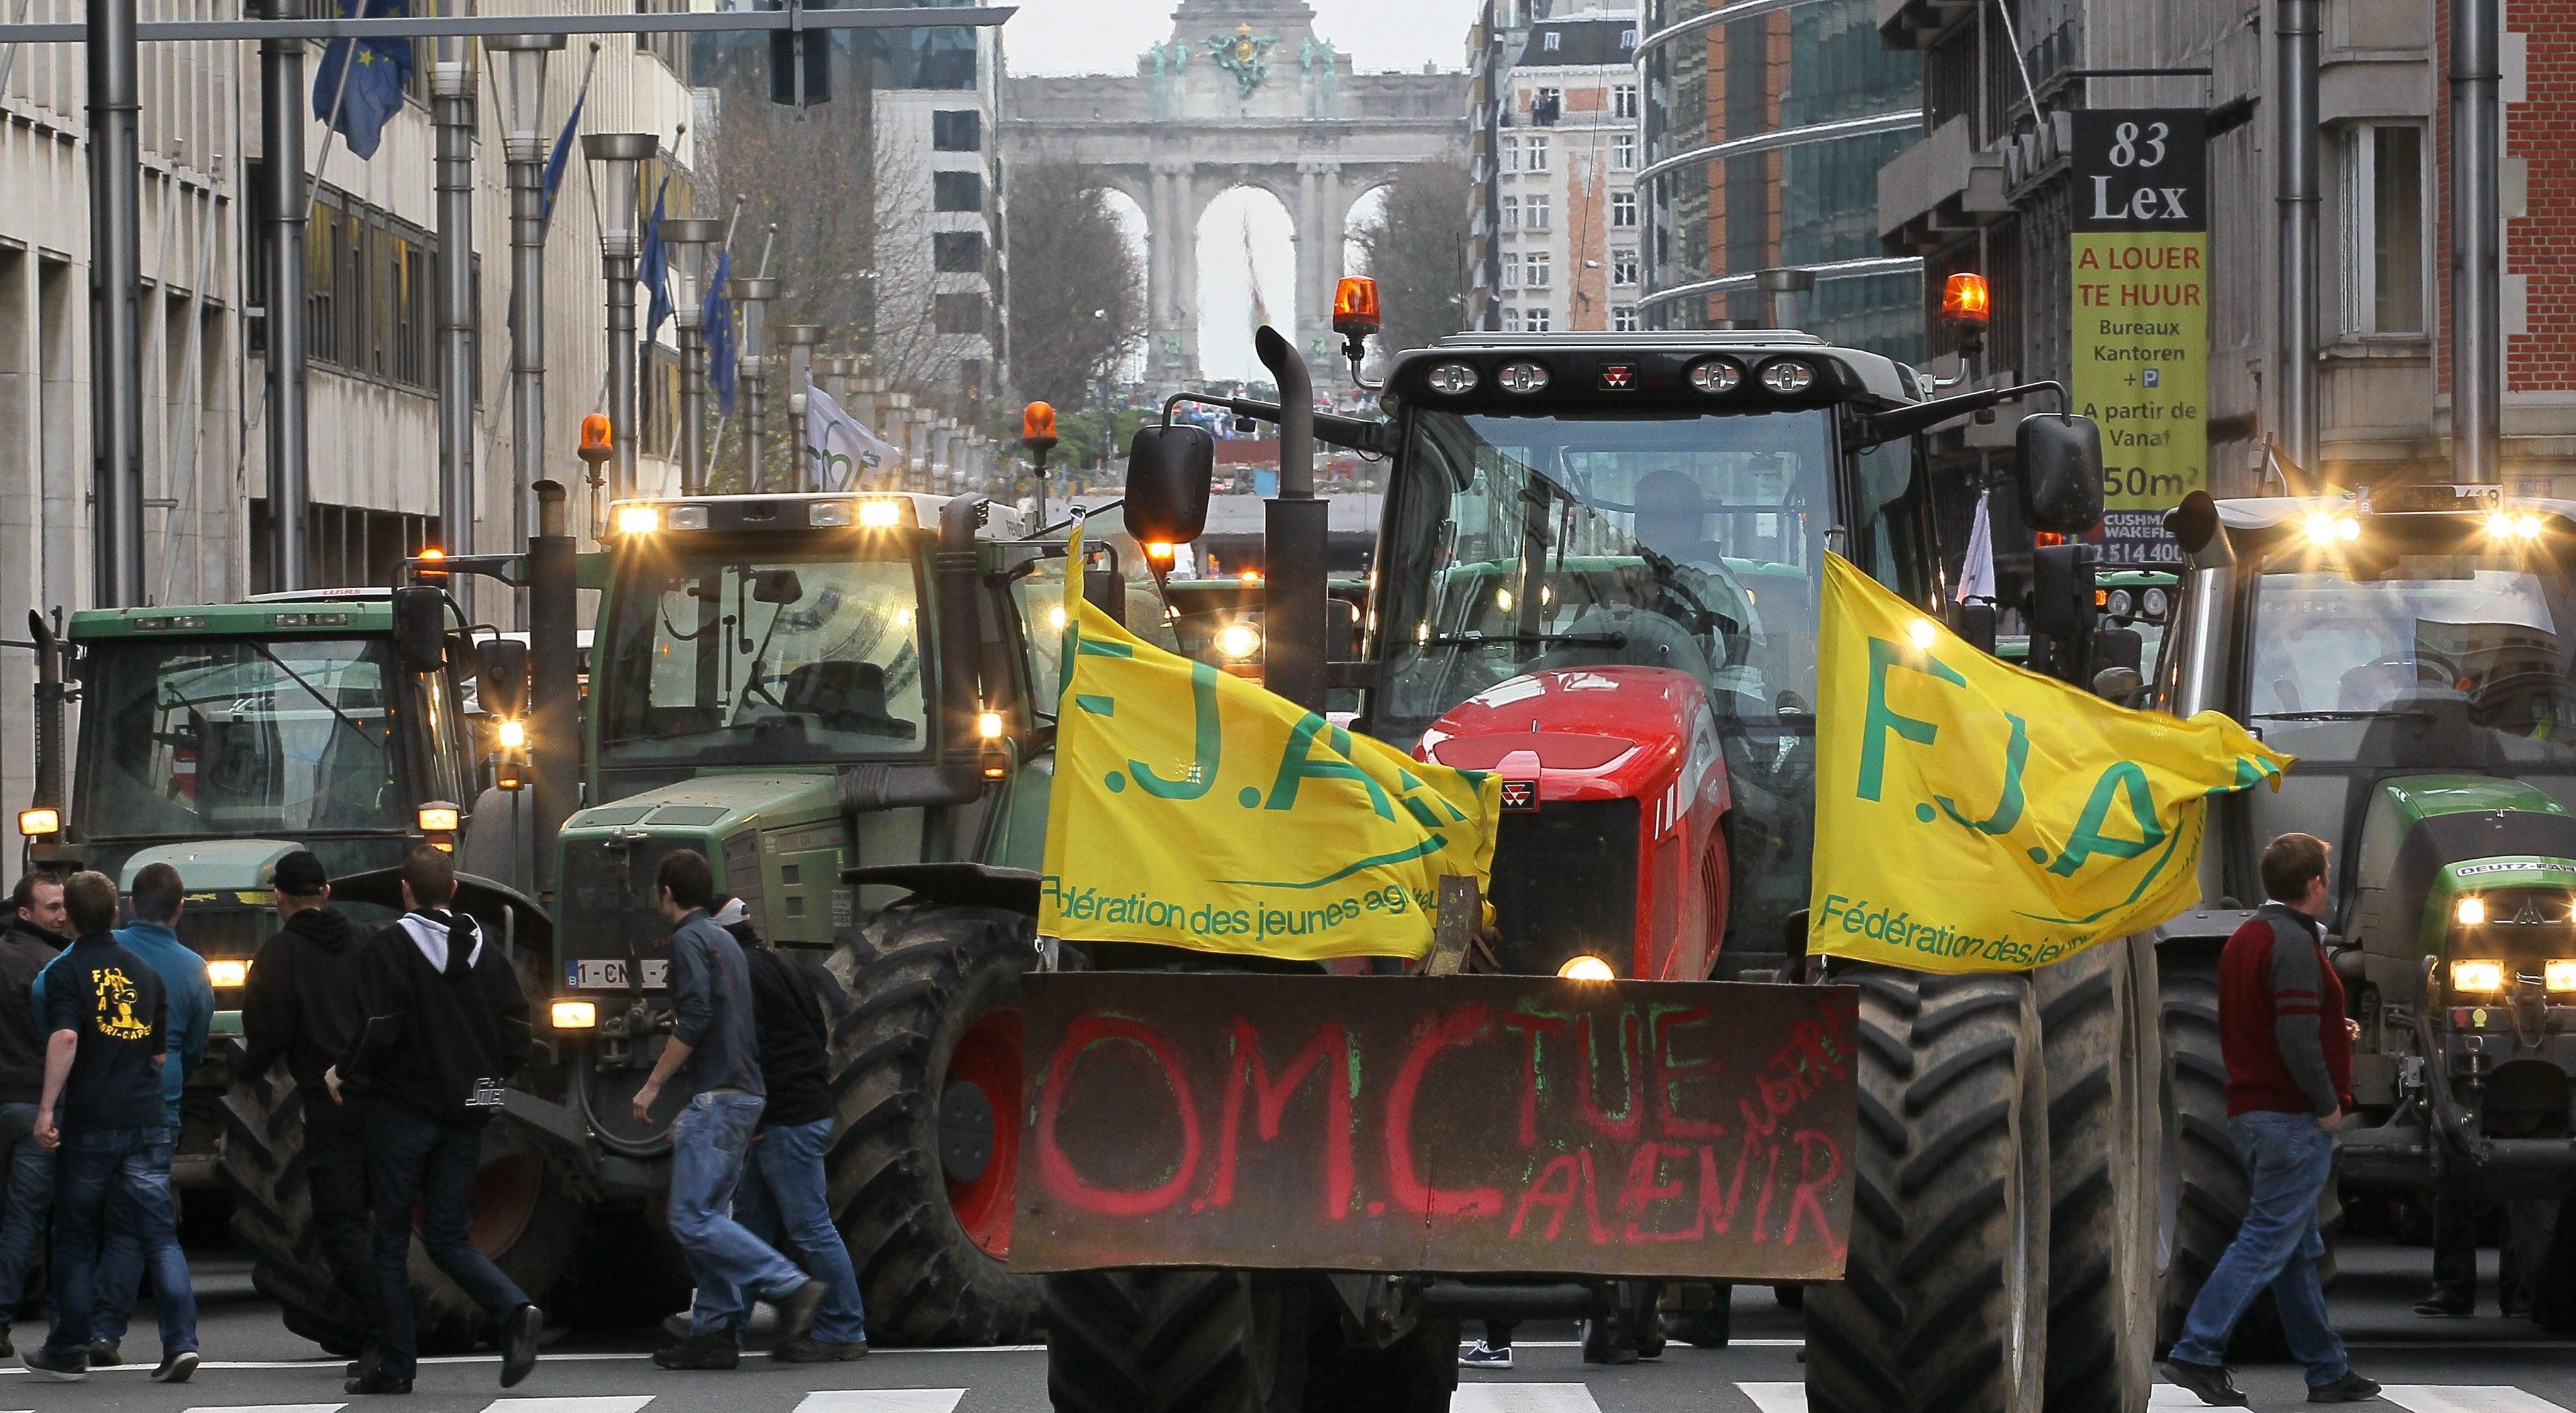 Mil tratores nas ruas de bruxelas em defesa de um preço justo do